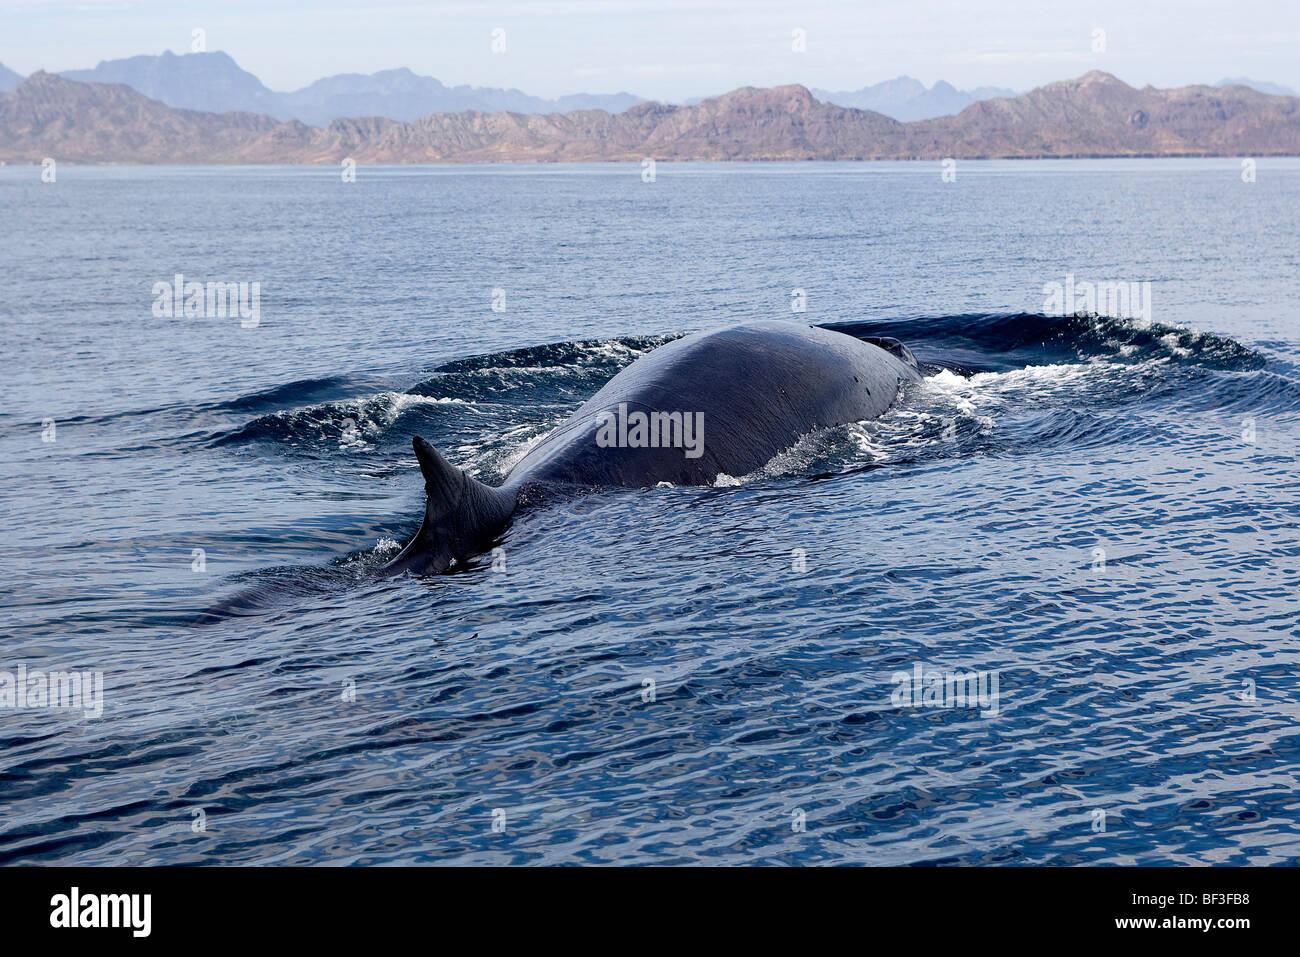 Rorcual común, ballena Finback, Rorqual común (Balaenoptera physalus) nadando en la superficie. Foto de stock